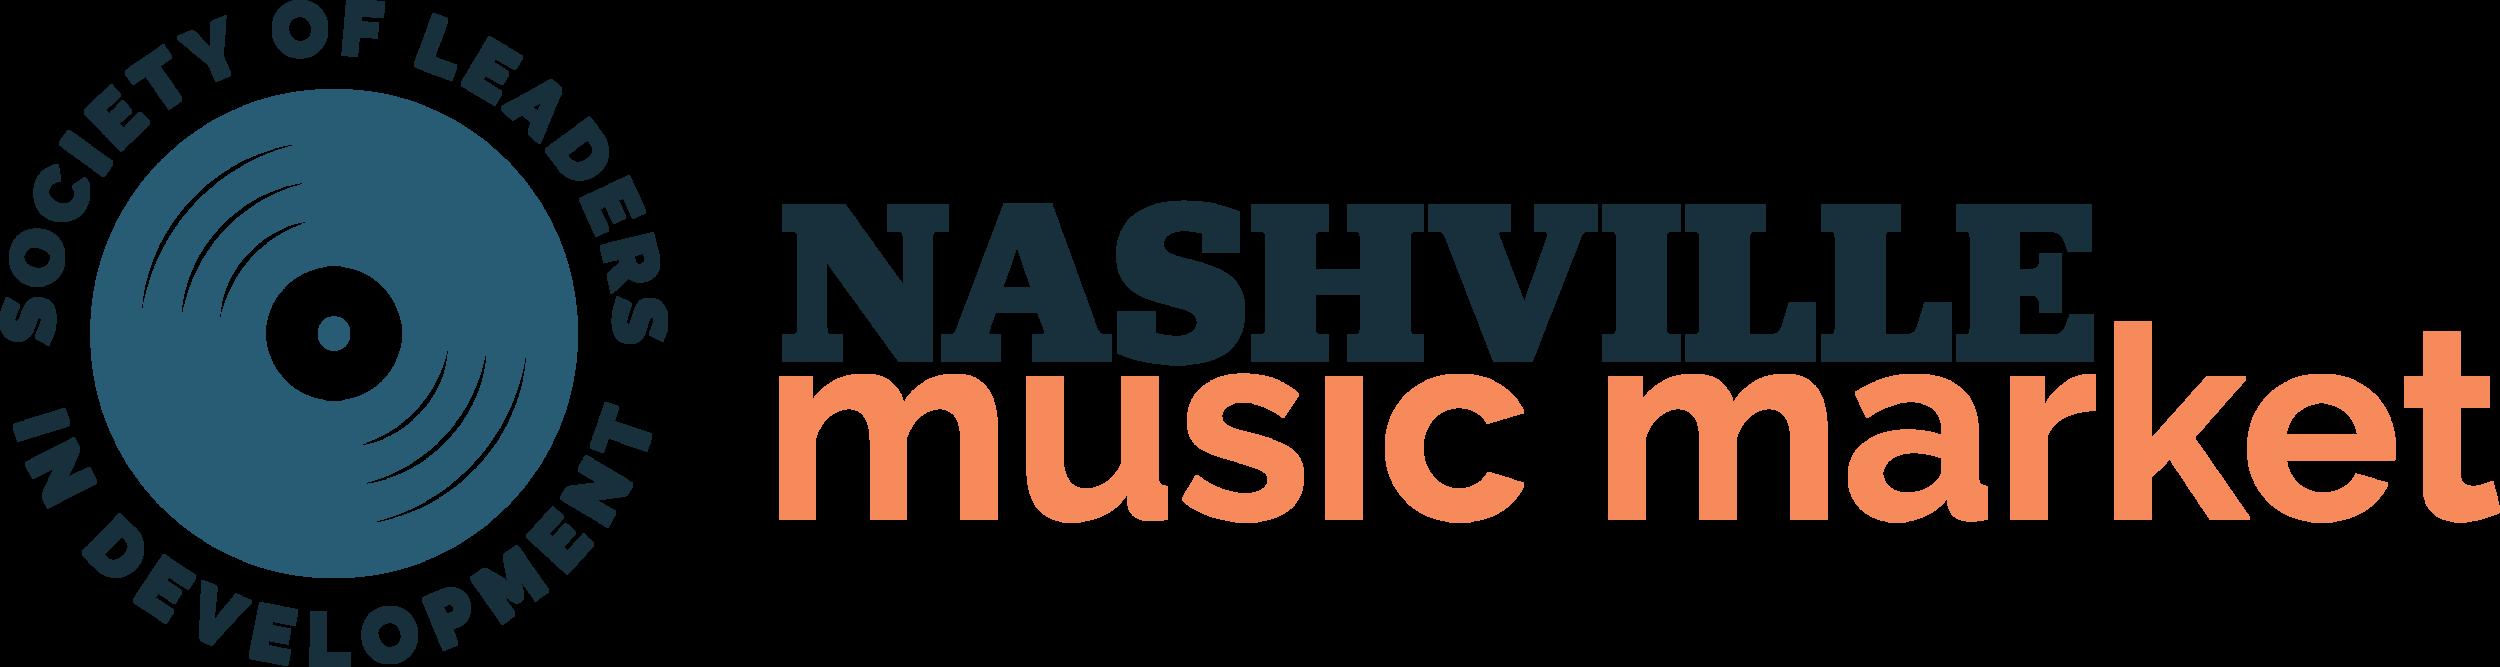 Solid_Nashville Music Market_1.png